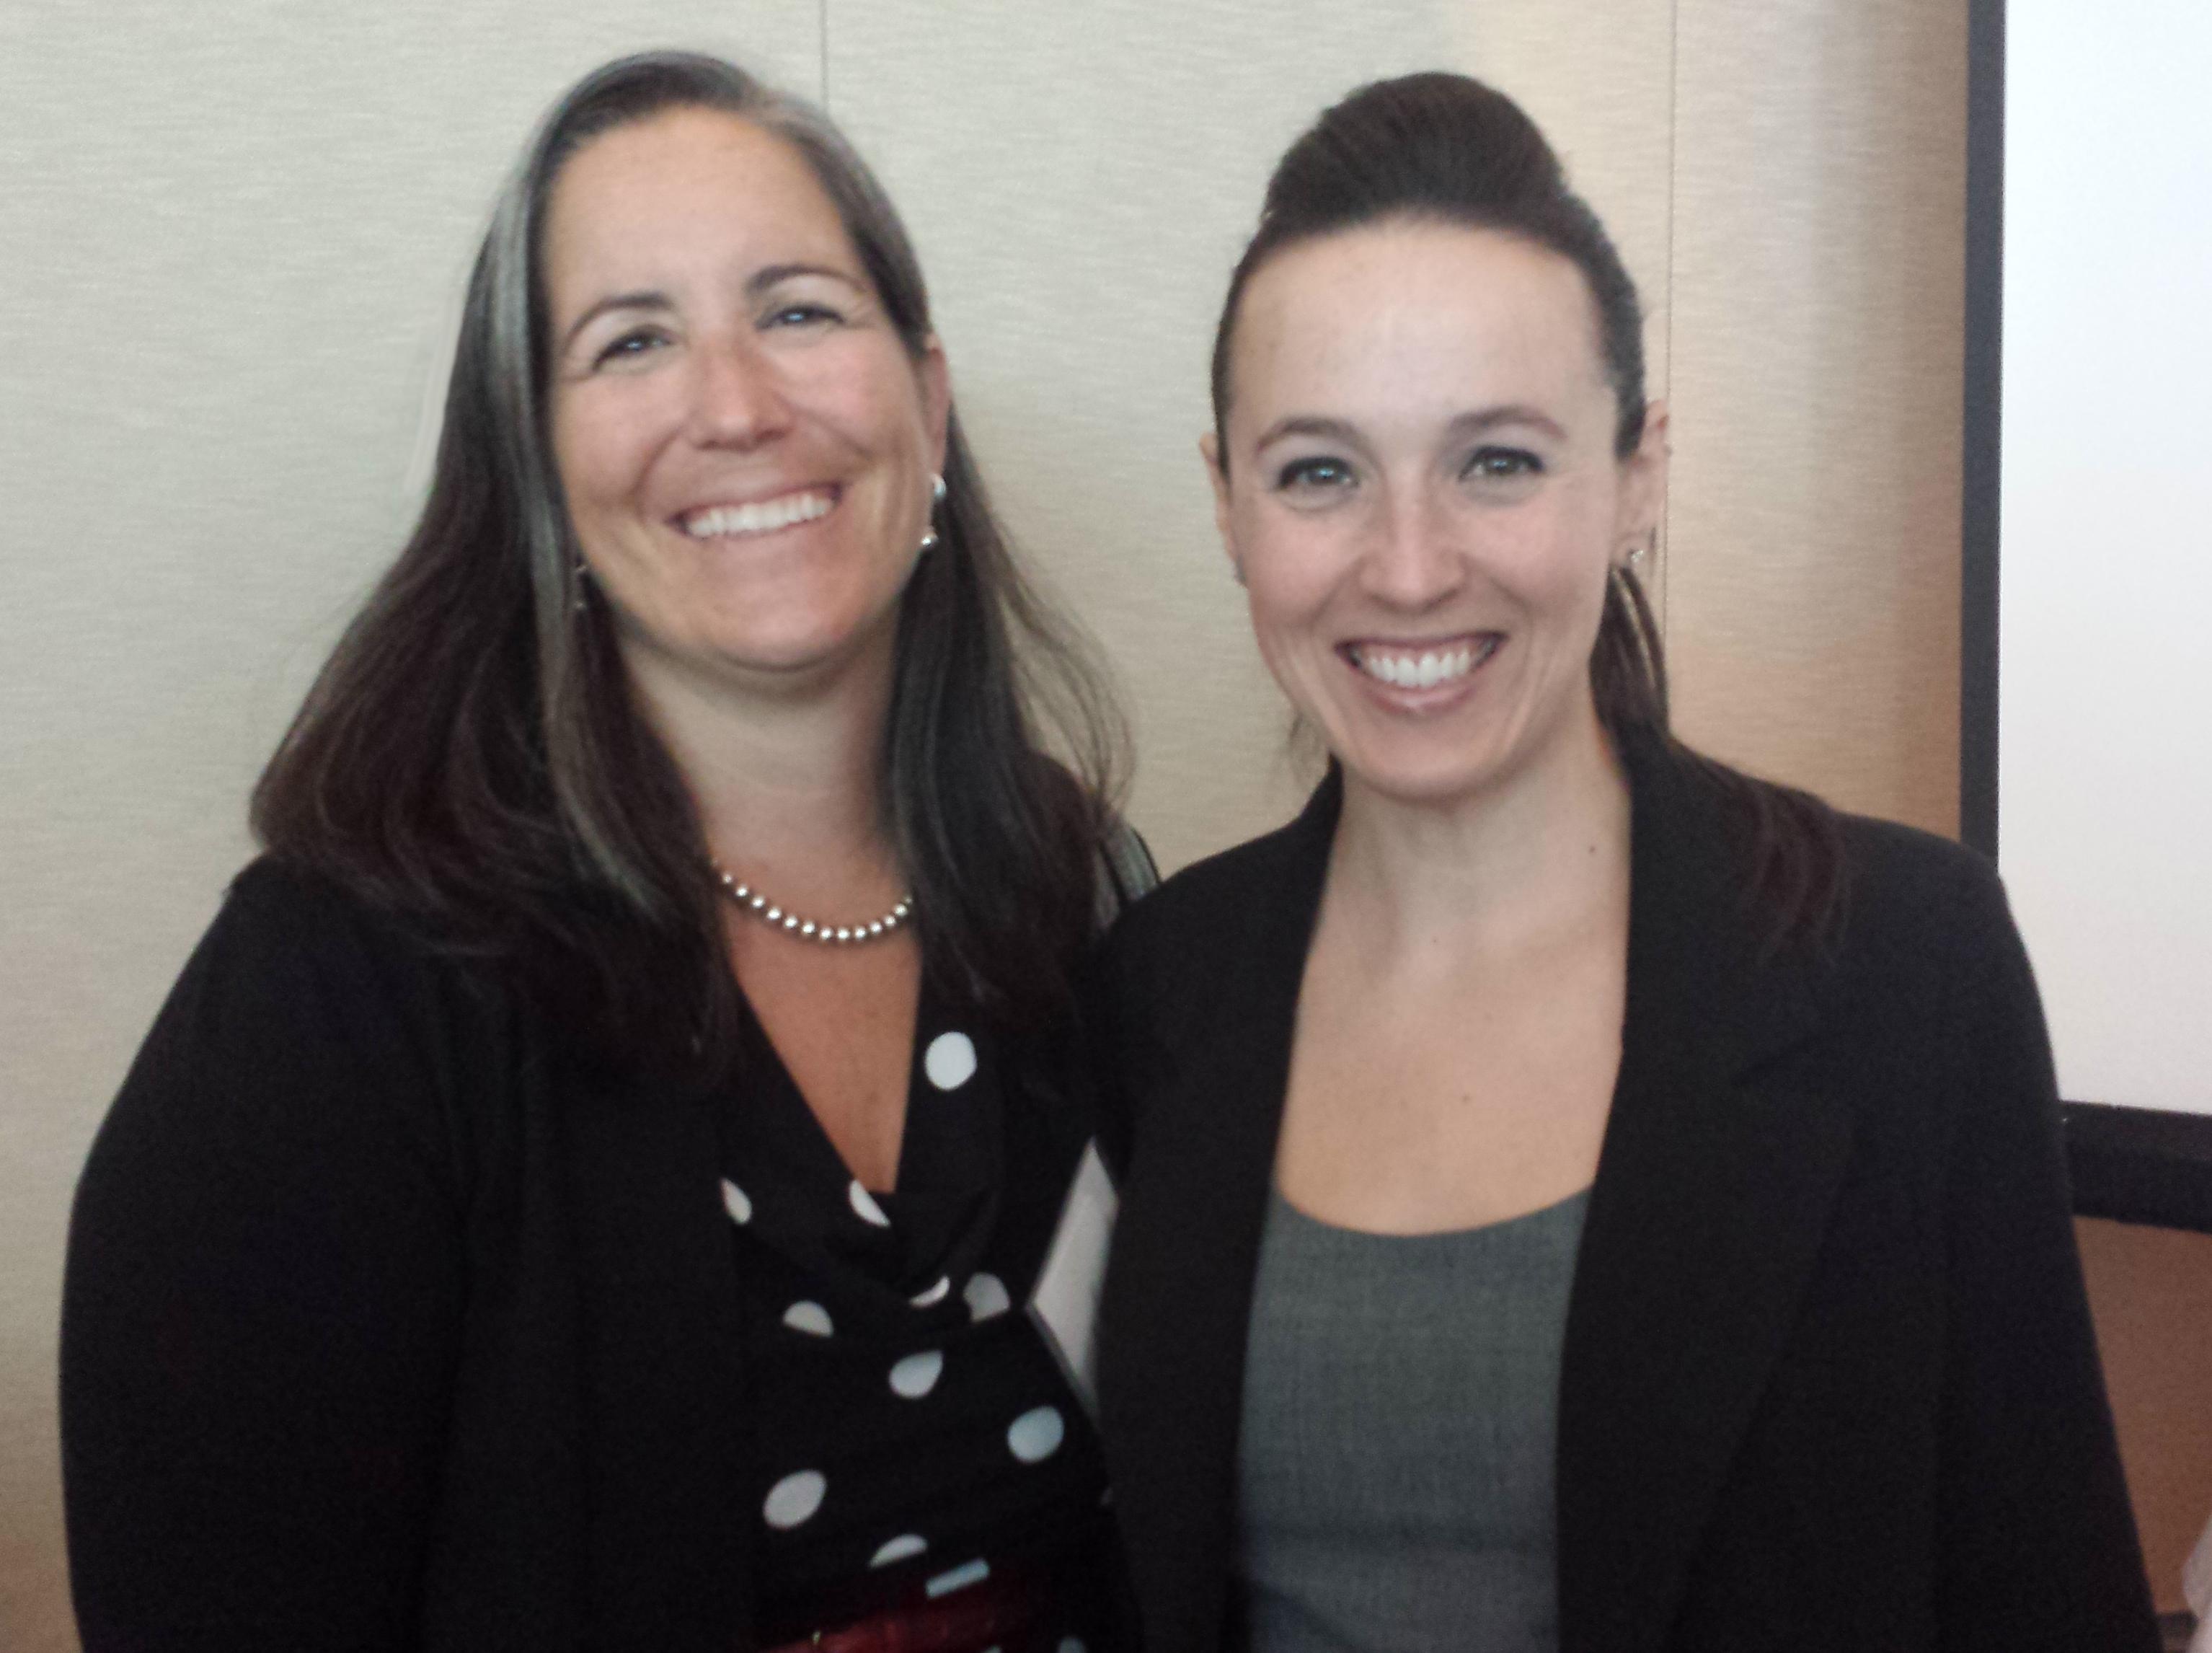 Image of Sara Anderson and Sara Neff.